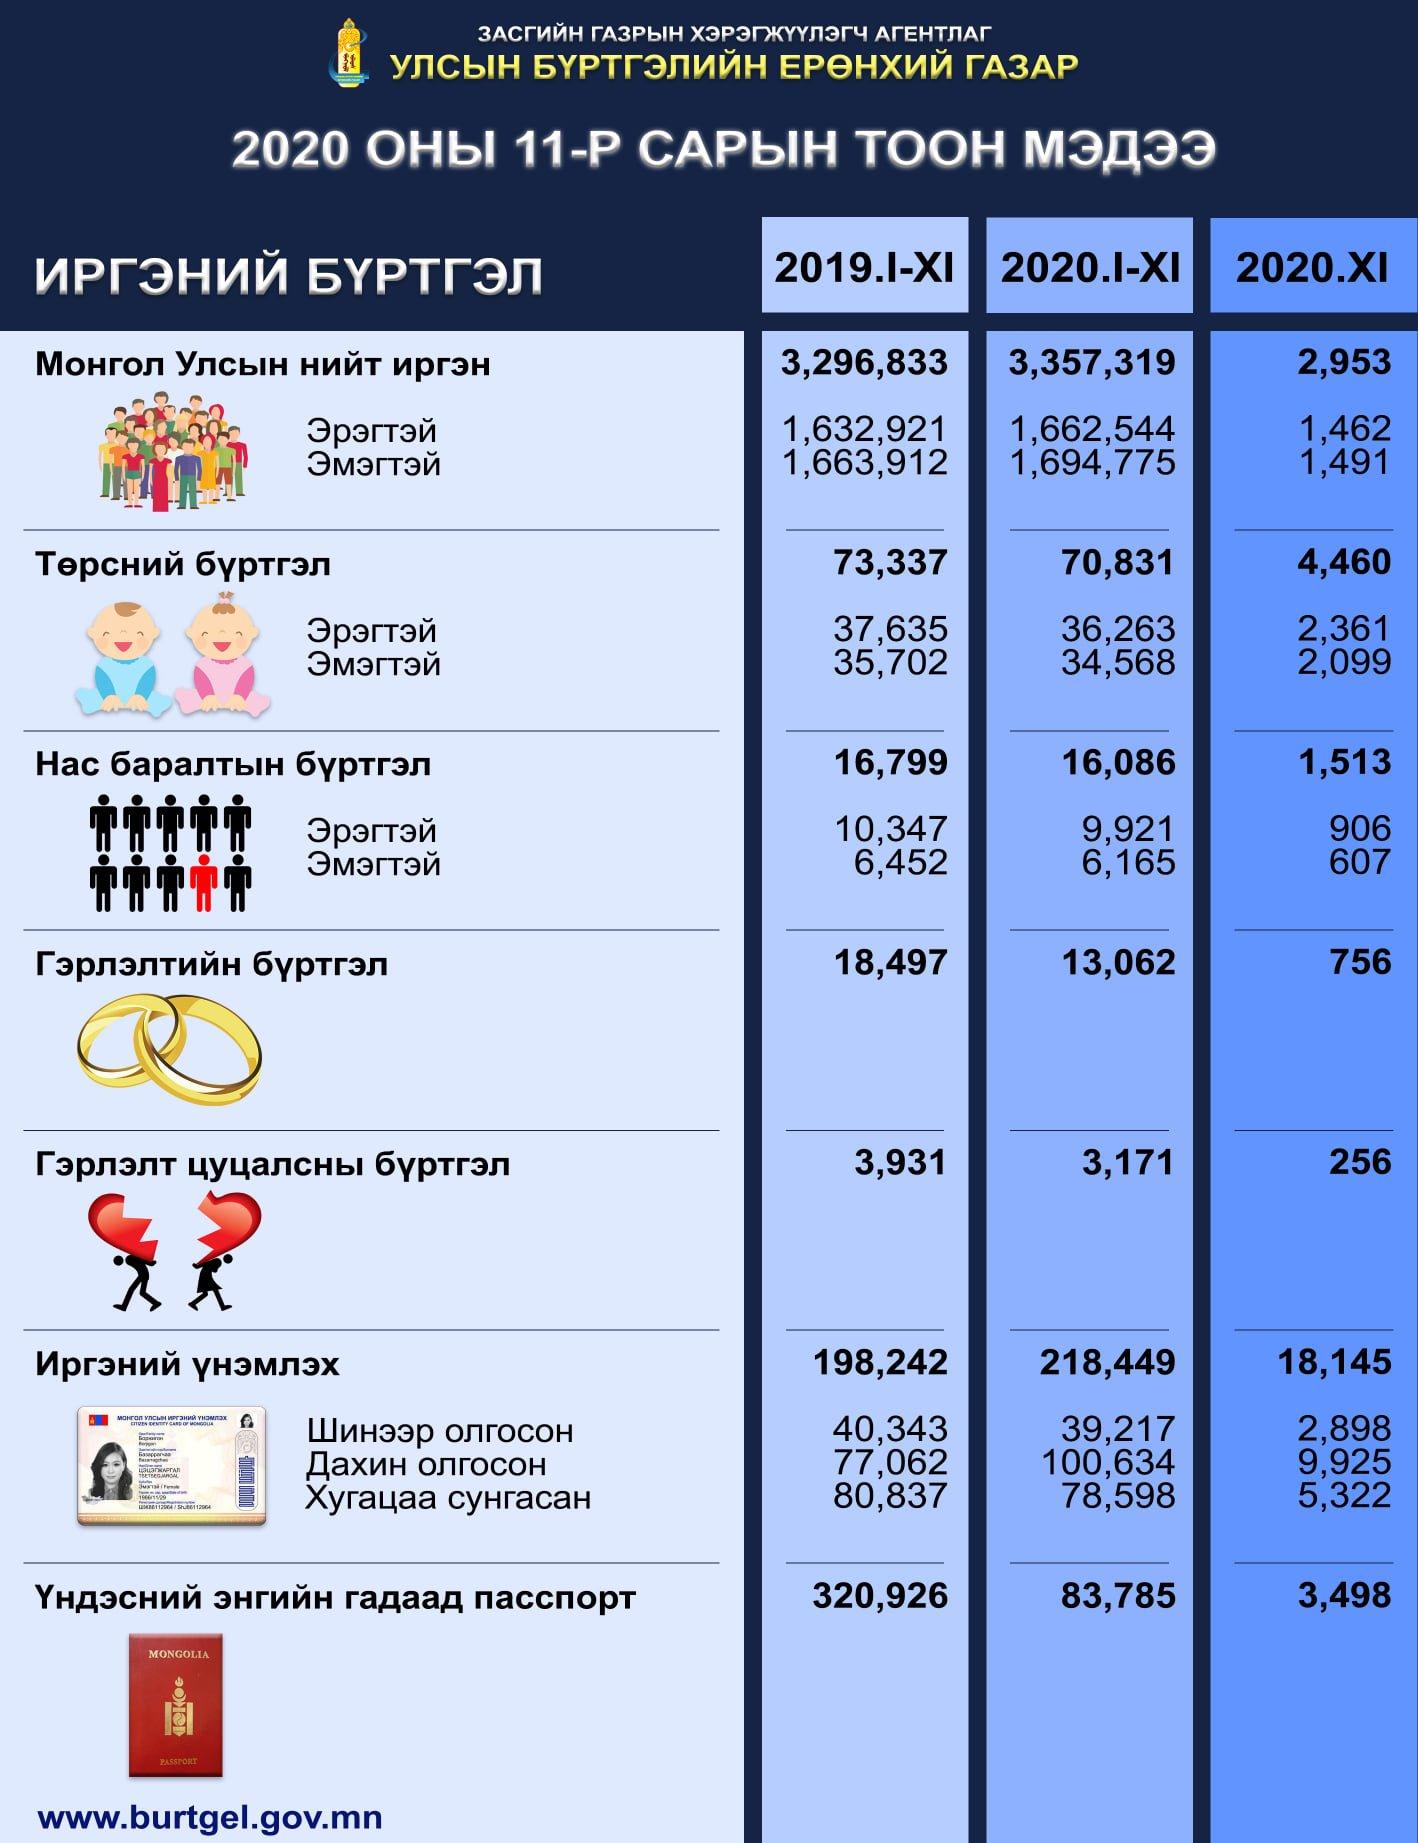 Улсын бүртгэлийн байгууллагын 11-р сарын тоон мэдээ